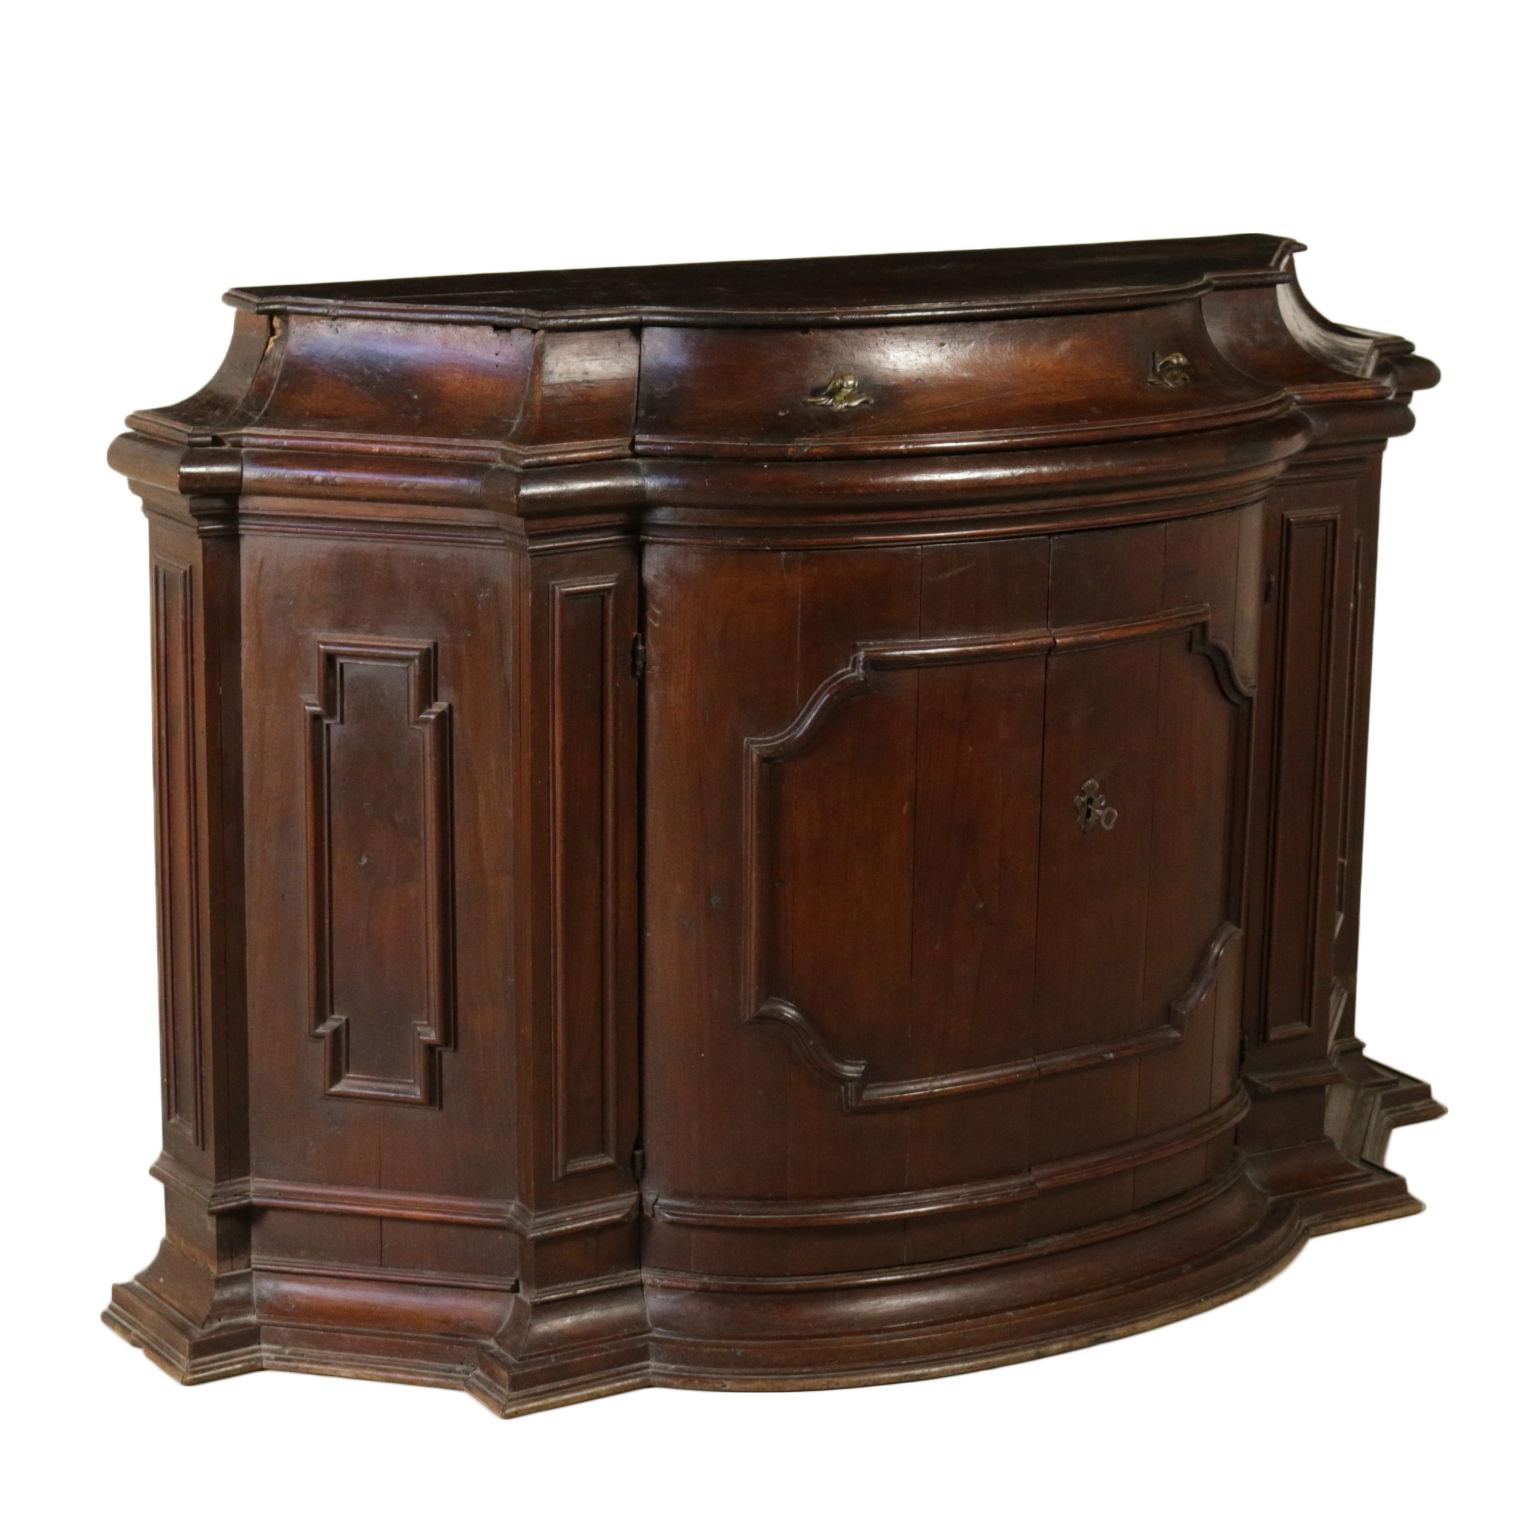 credenza scantonata mobili in stile bottega del 900